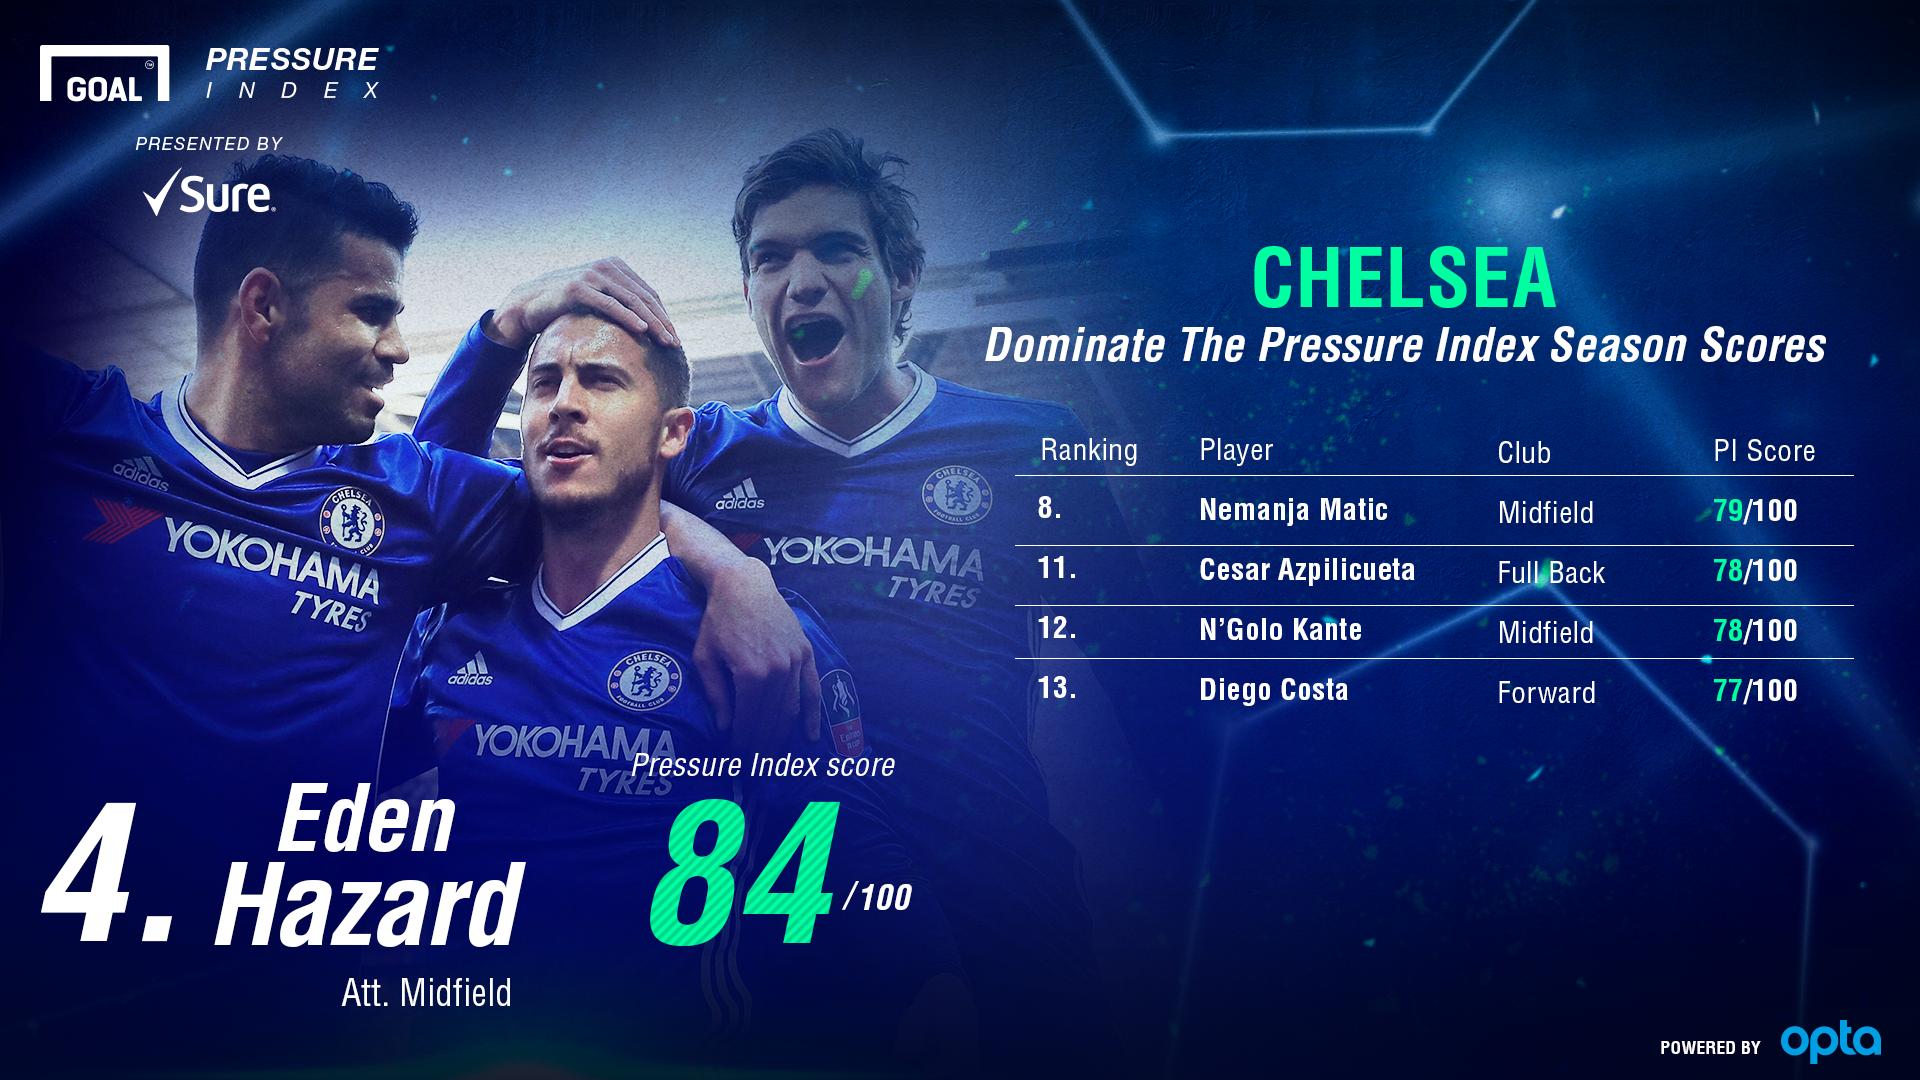 Chelsea Pressure Index